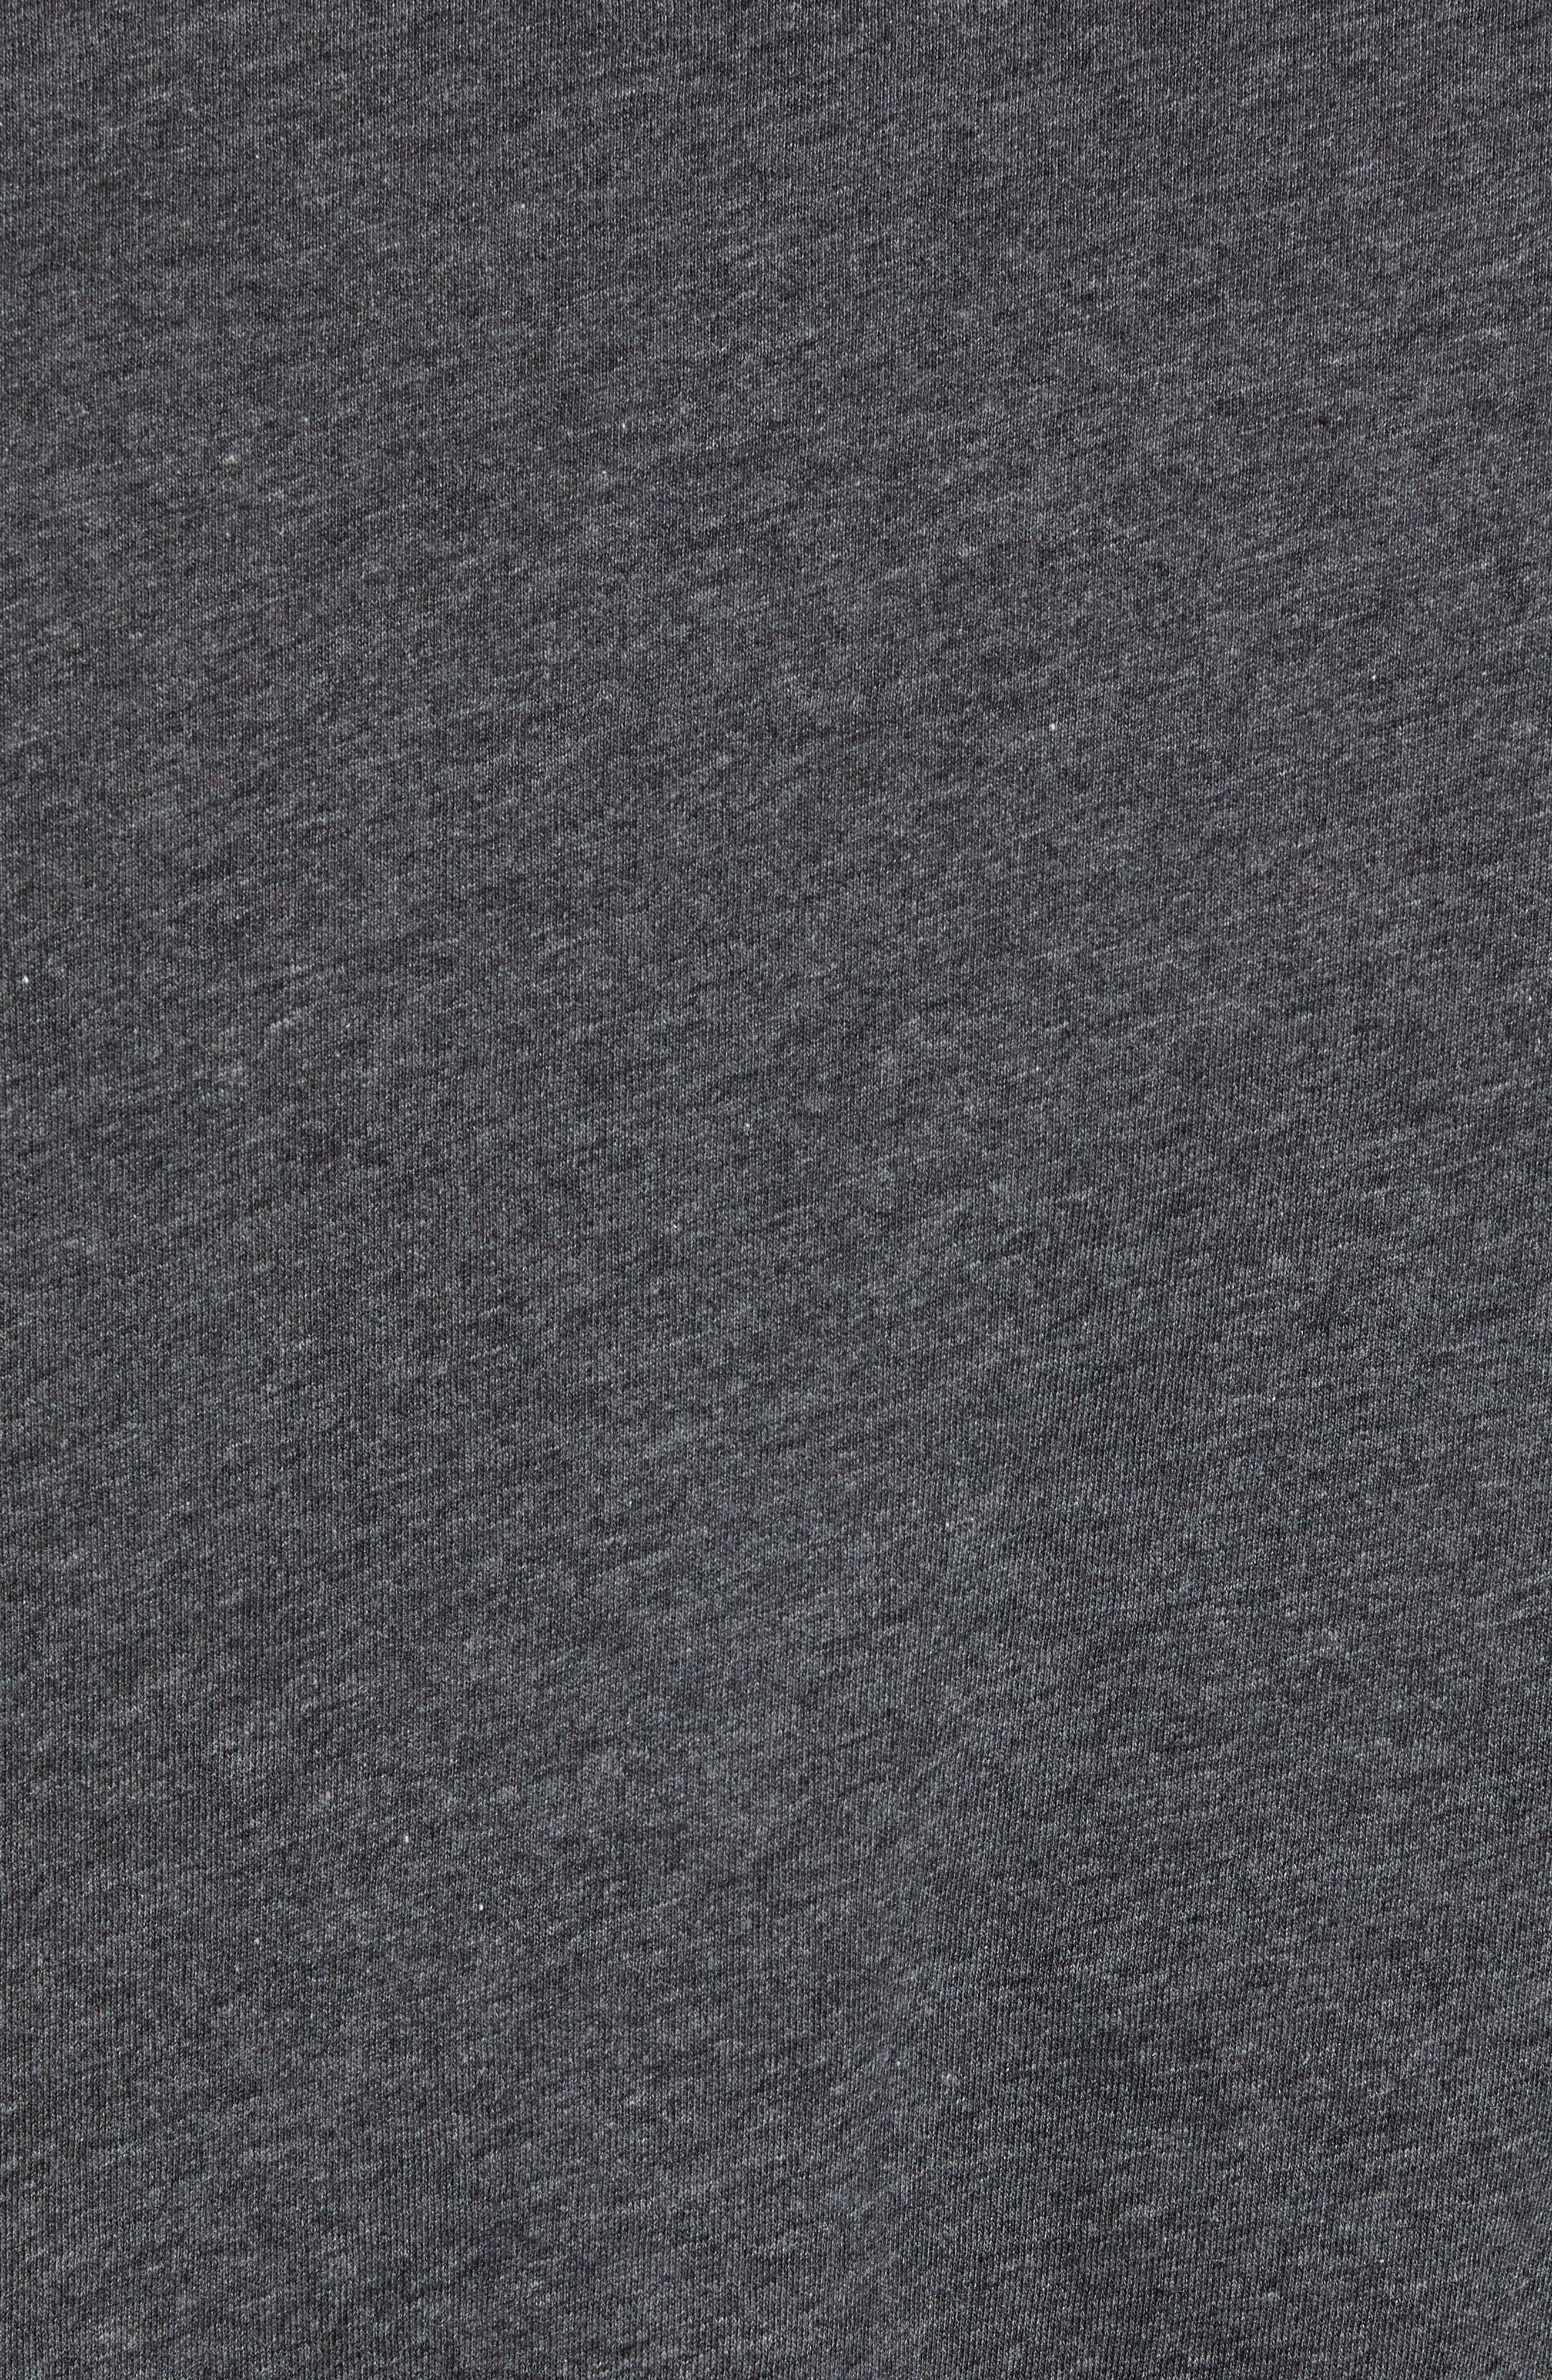 Mercer V-Neck T-Shirt,                             Alternate thumbnail 5, color,                             DARK HEATHER CHARCOAL